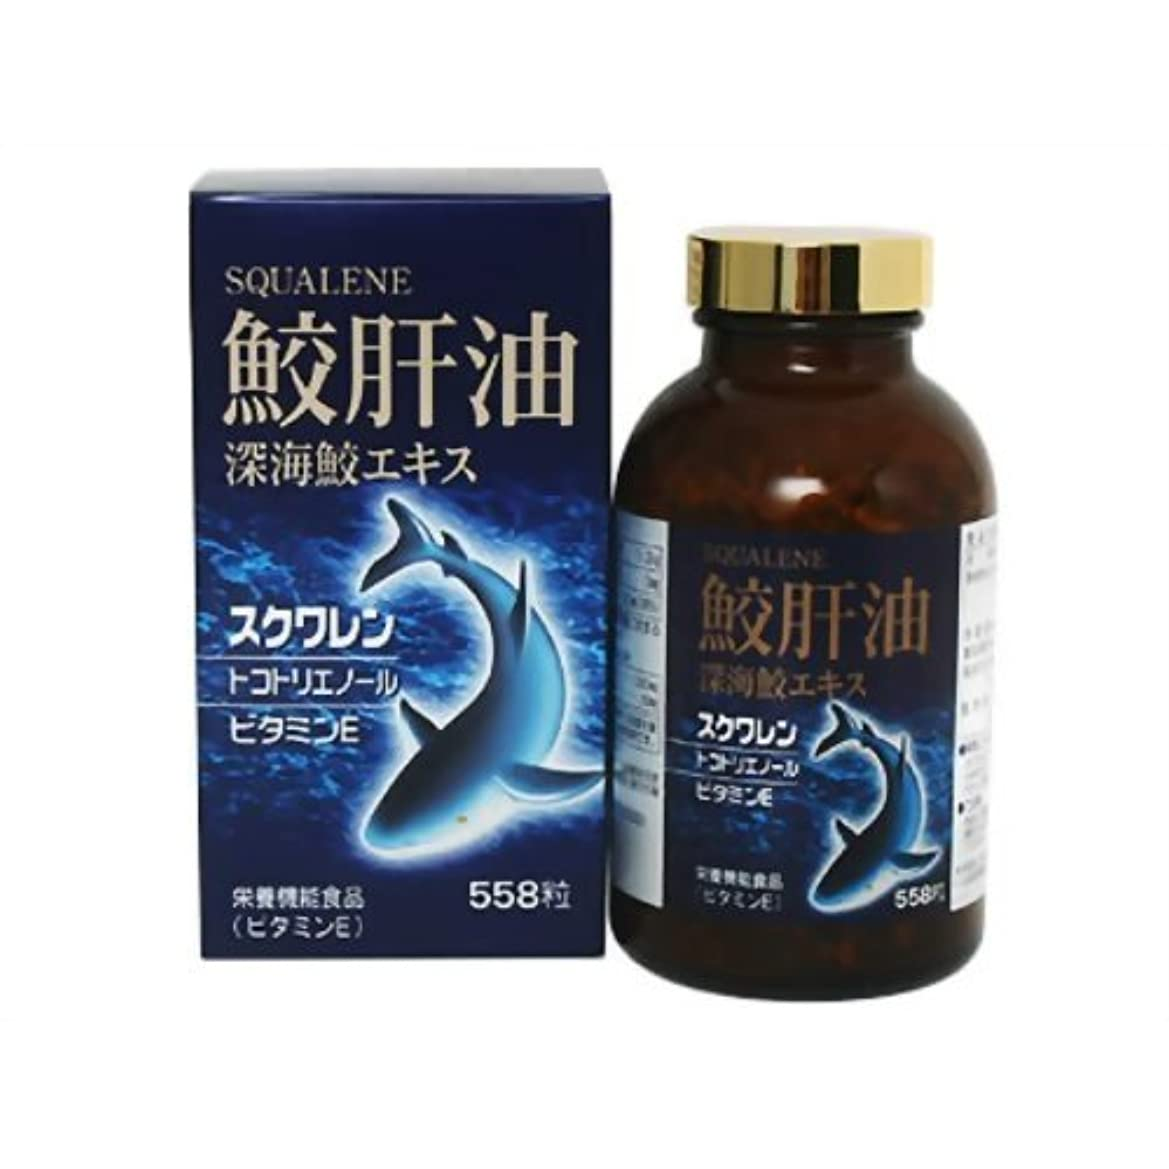 知覚的バケット引退する鮫肝油 深海鮫エキス 558粒